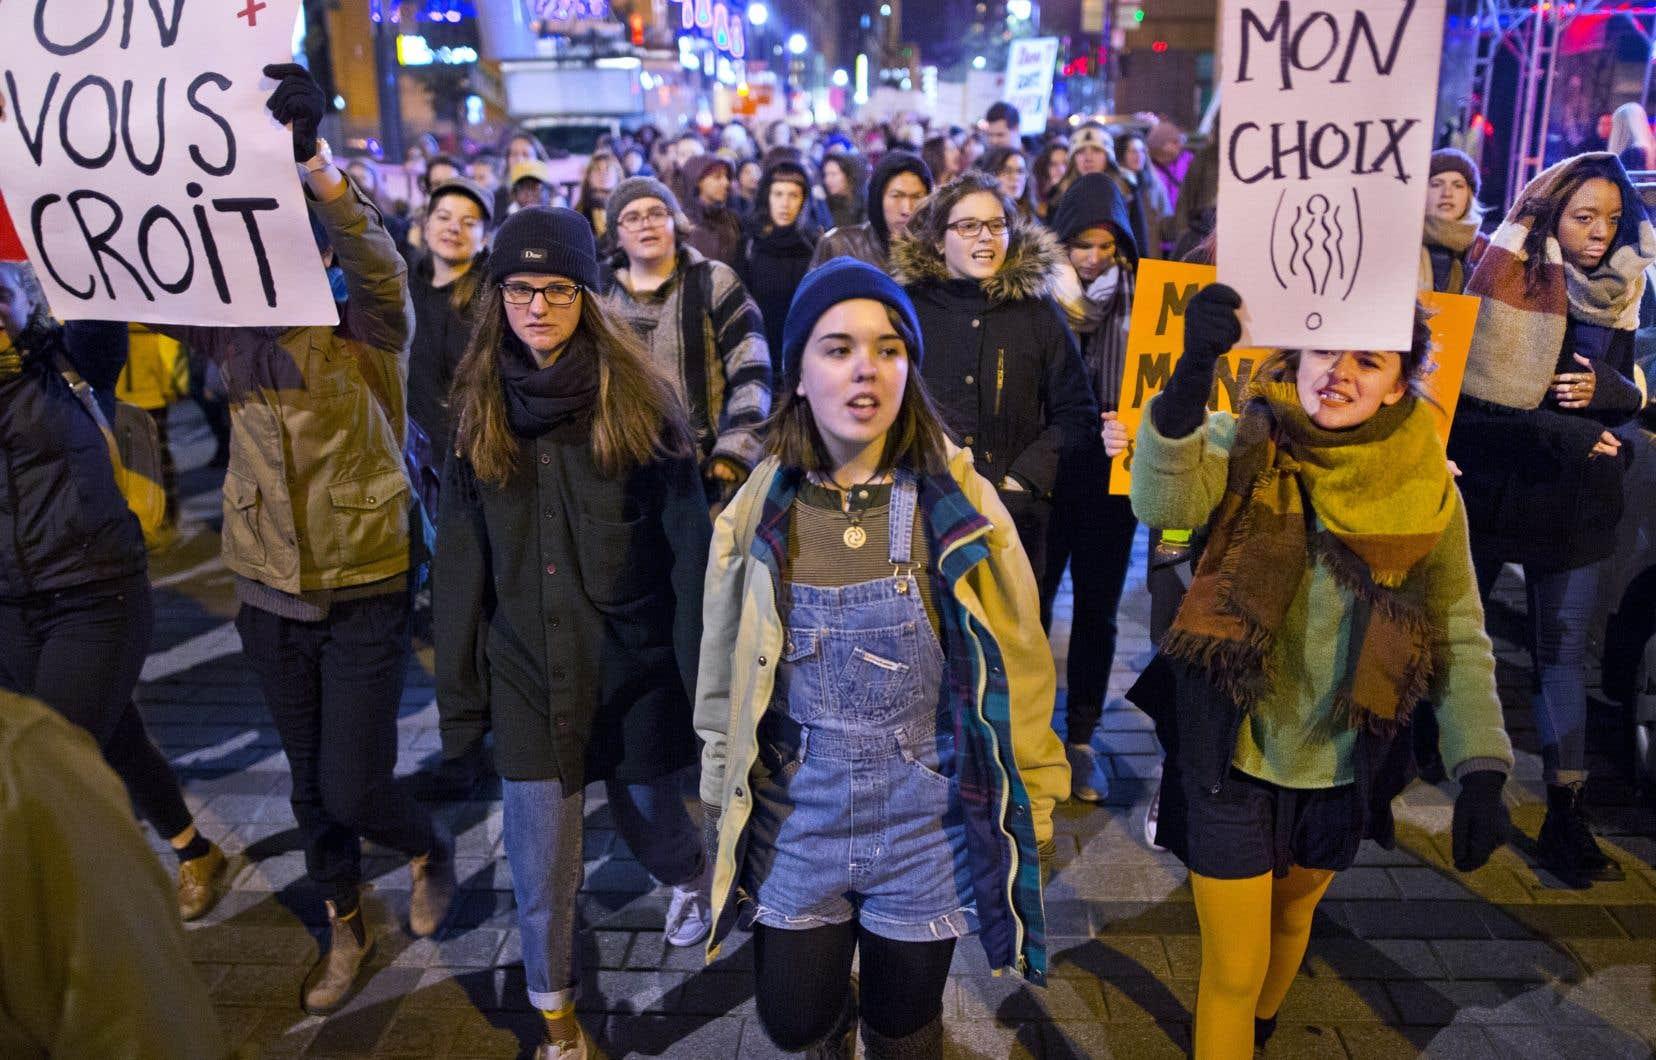 Le mouvement de dénonciation des agressions sexuelles #MoiAussi a connu son apogée dans les réseaux sociaux en octobre 2017. Tout de suite après, Statistique Canada a constaté que le nombre d'agressions sexuelles signalées à la police et jugées fondées avait explosé.